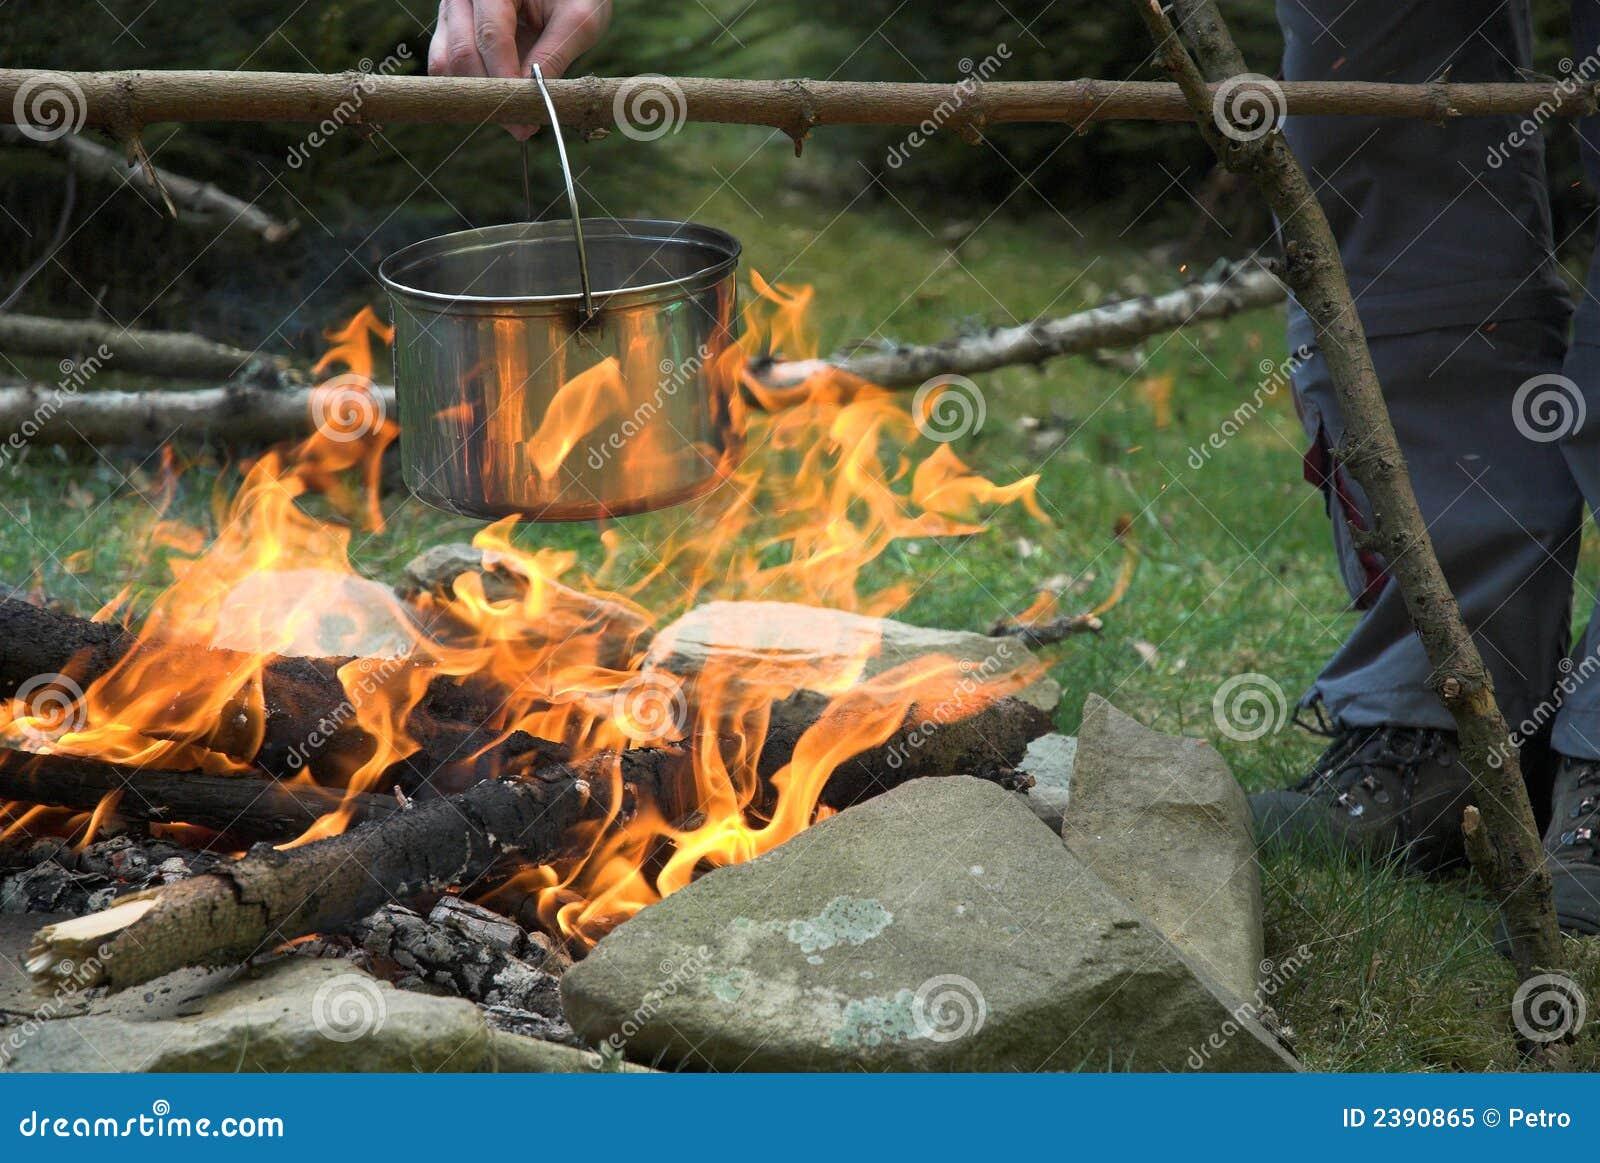 Het koken royalty vrije stock foto beeld 2390865 for Beeldkoken